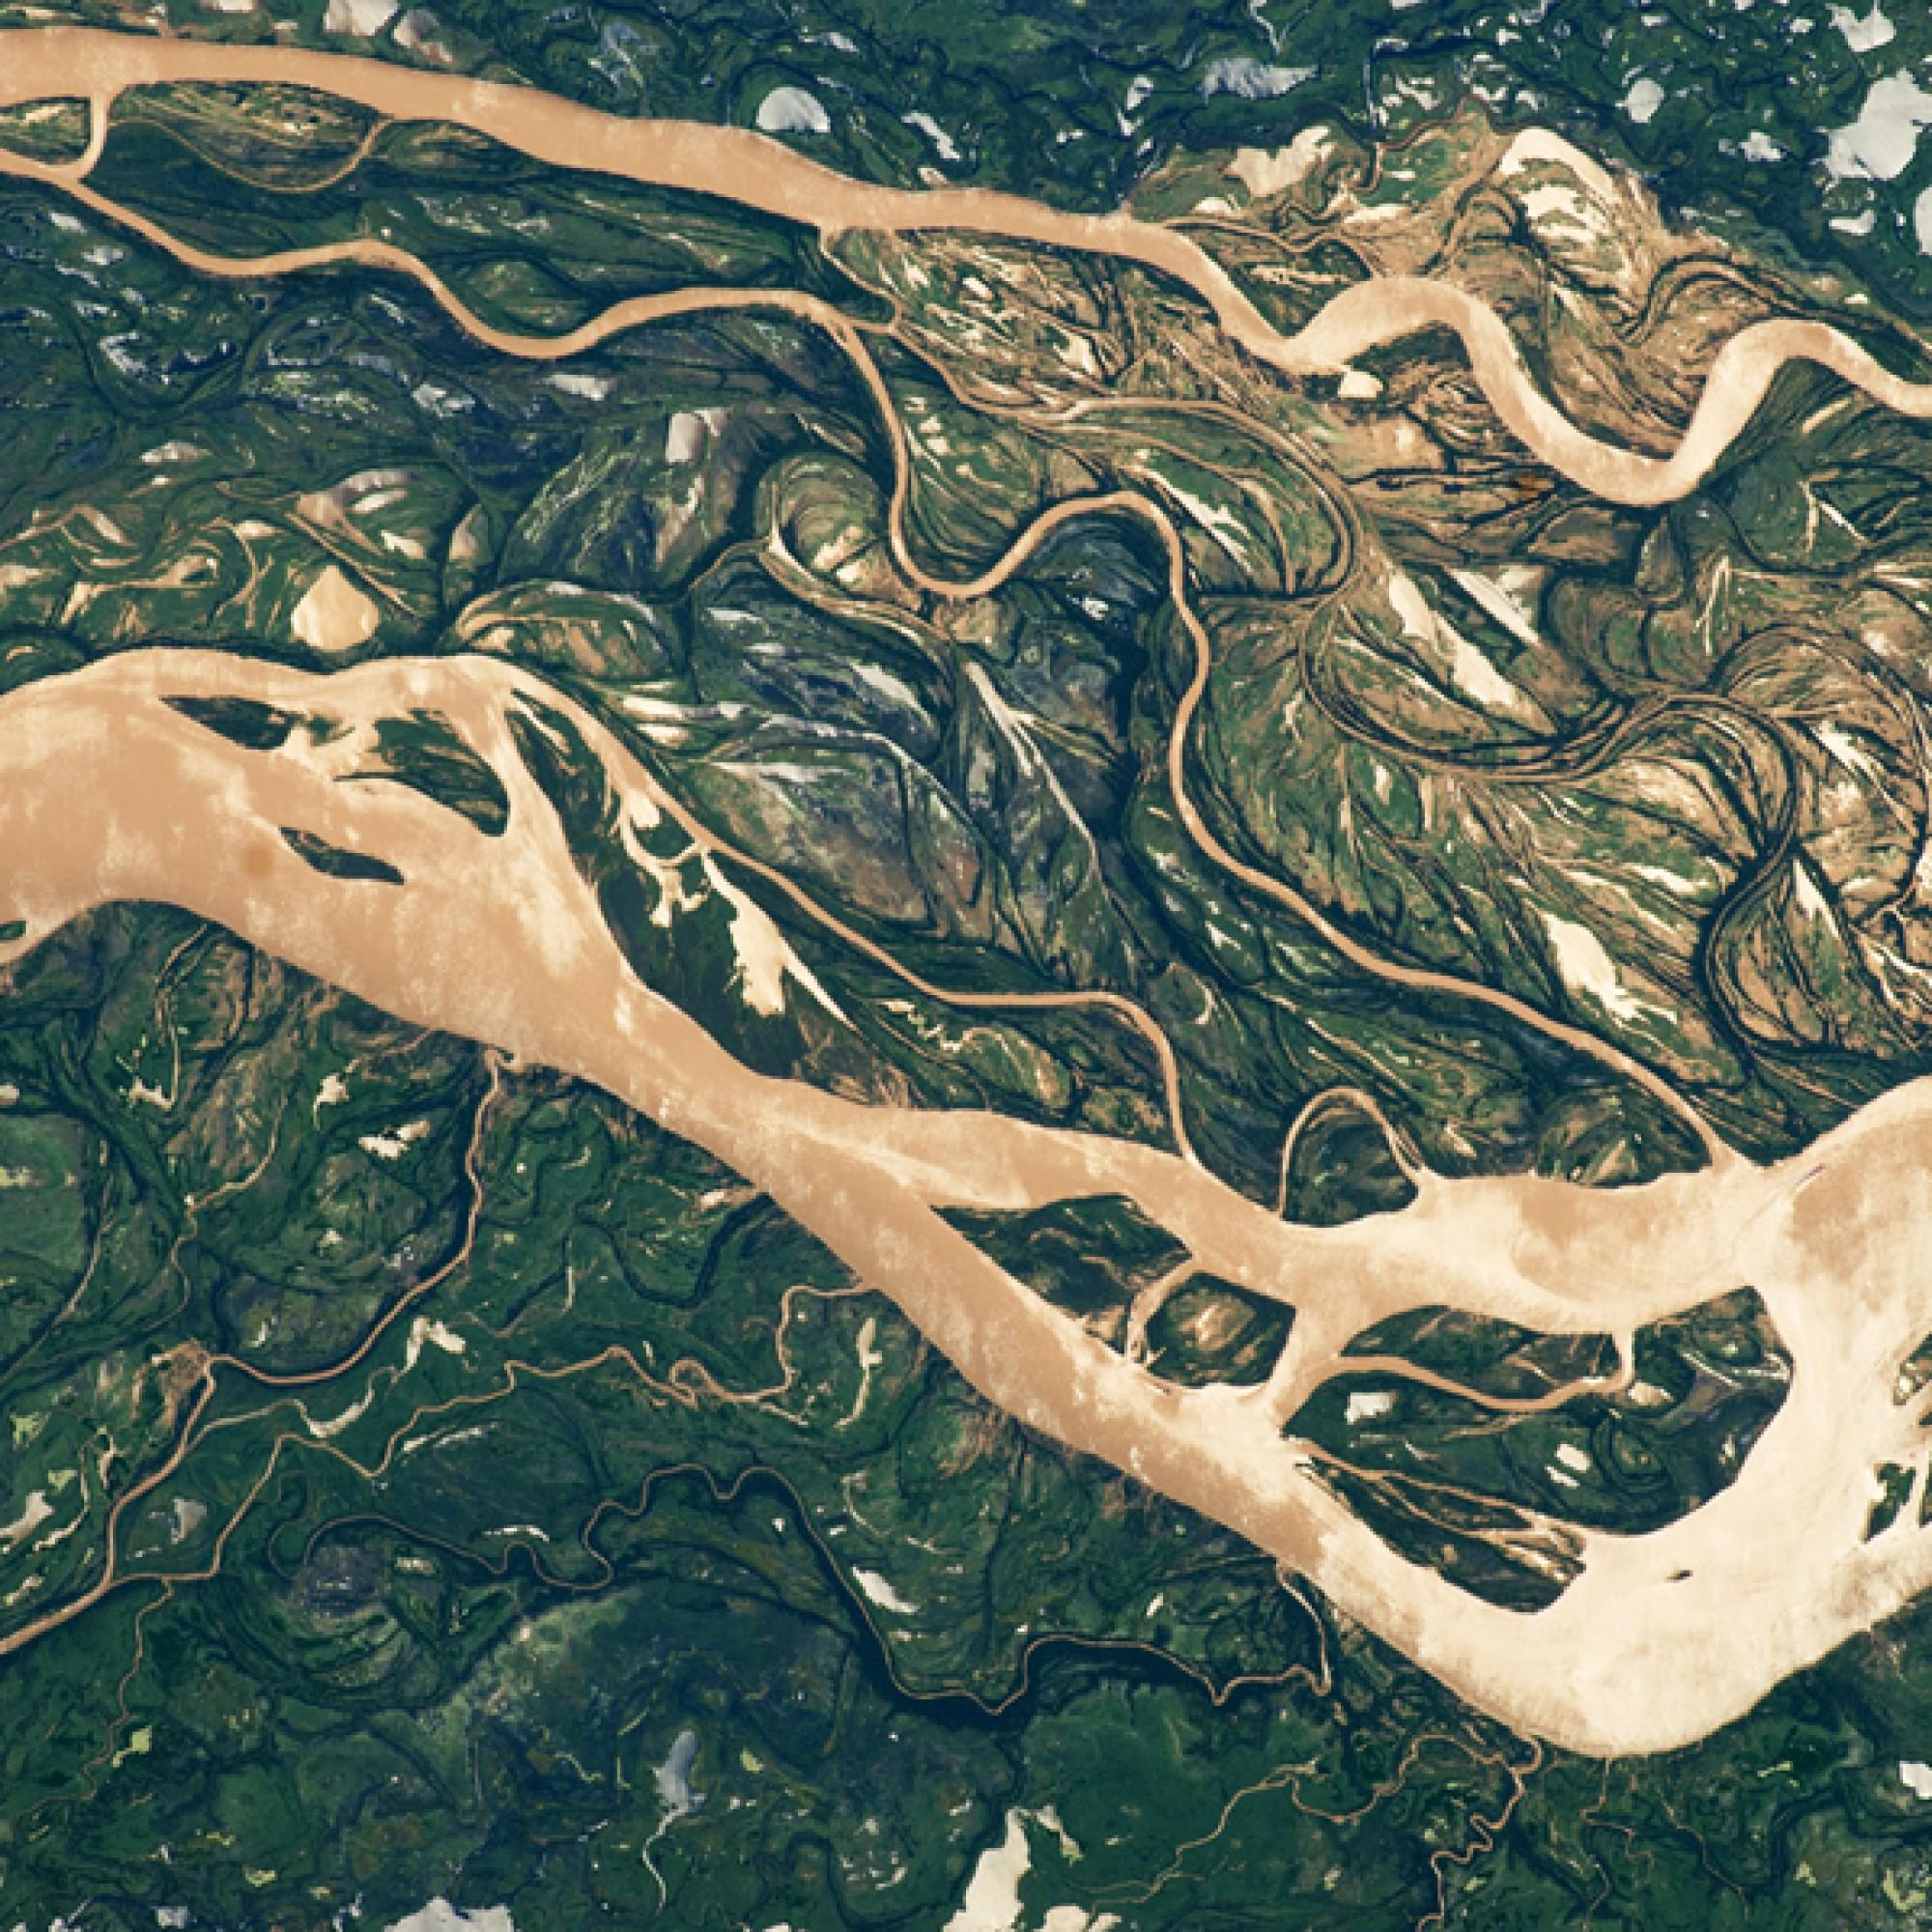 Der zweitgrösste Fluss Südamerikas, der Paraná. (Nasa)